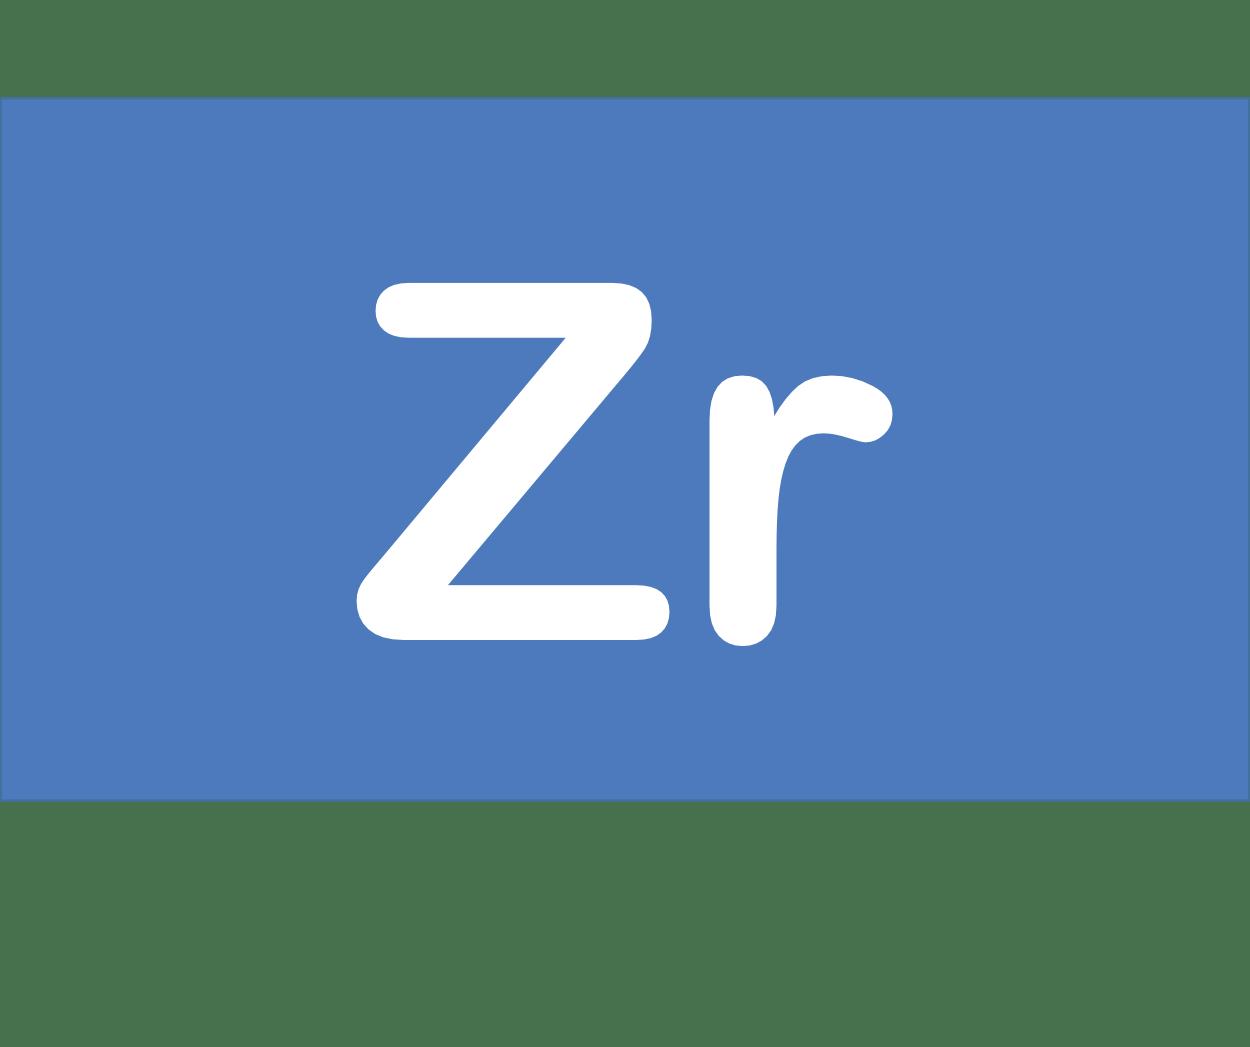 40 Zr ジルコニウム Zirconium 元素 記号 周期表 化学 原子